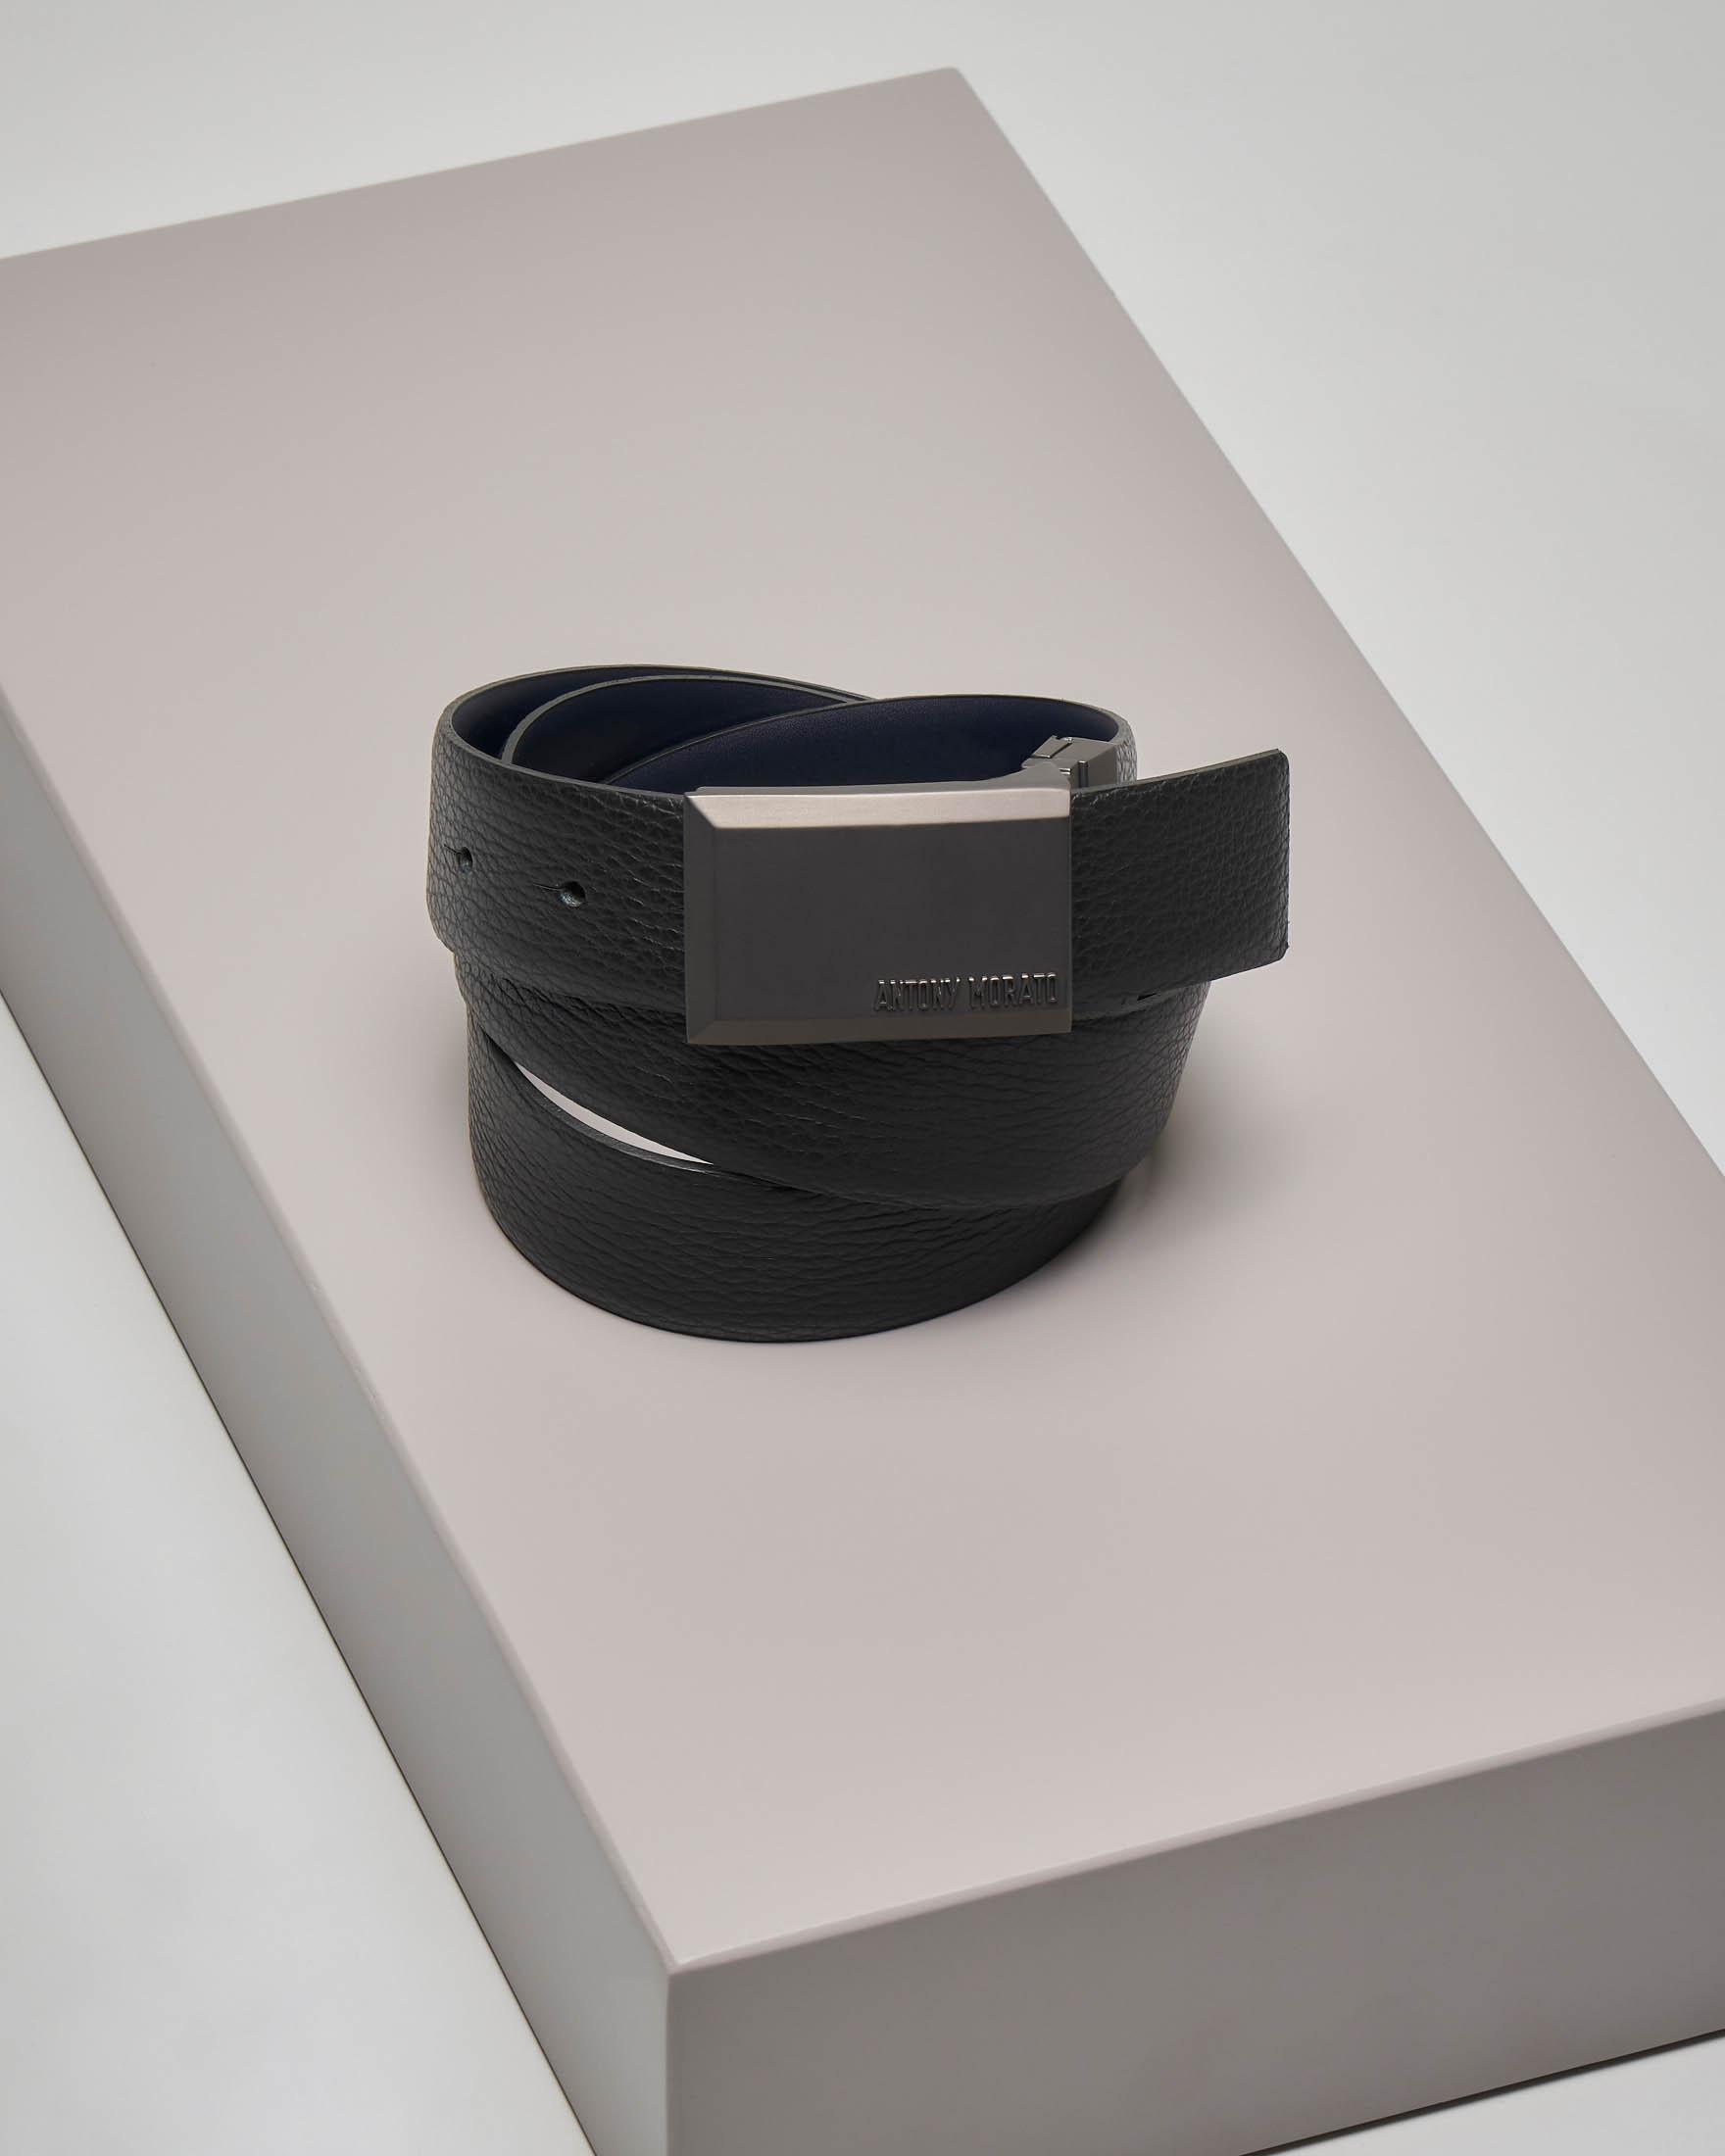 Cintura nera in pelle martellata reversibile in blu liscia